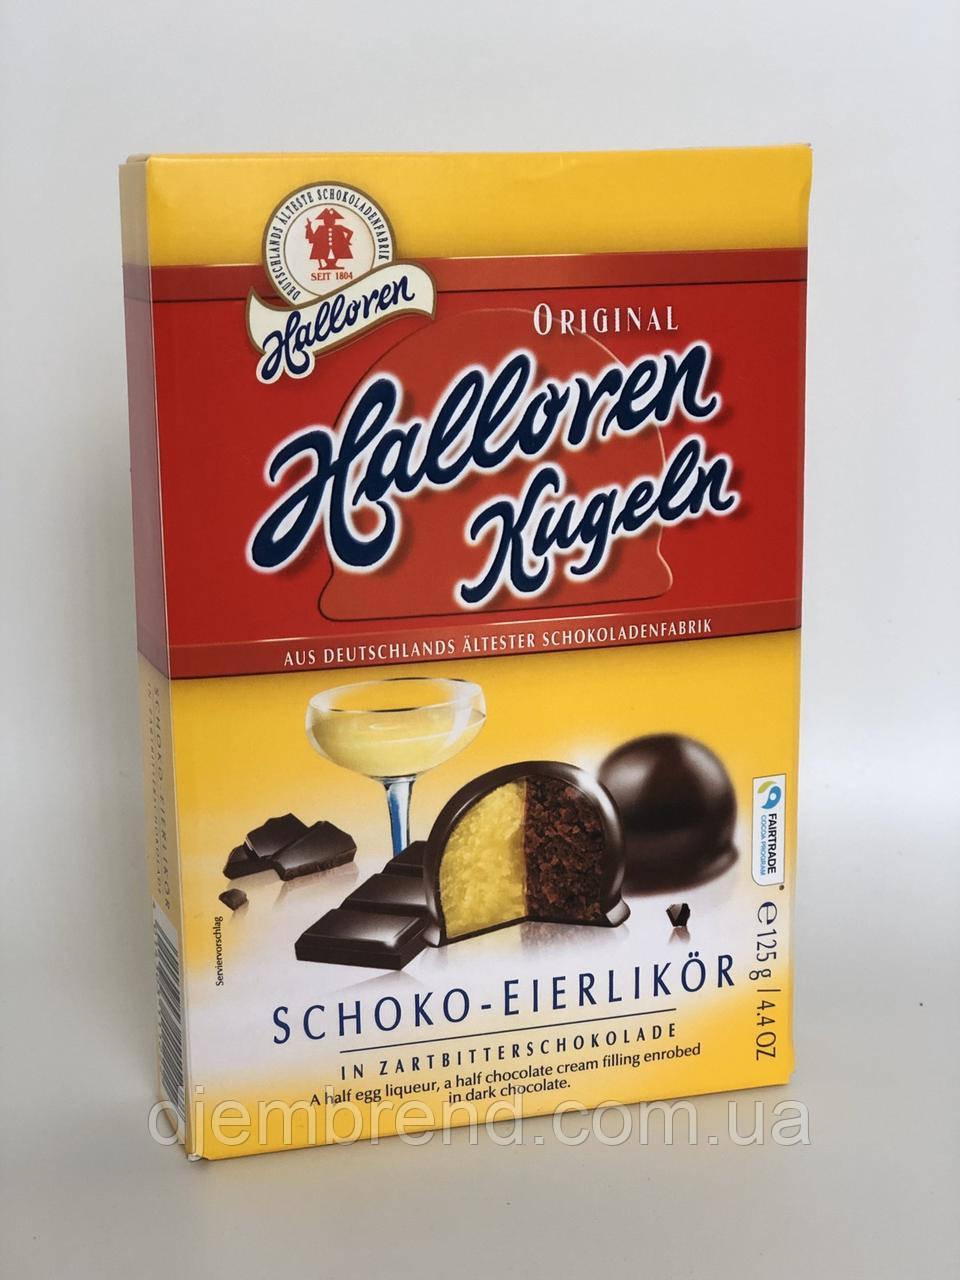 Шоколадные конфеты Original Halloren Kugeln Schoko-eierlikor 125 g.